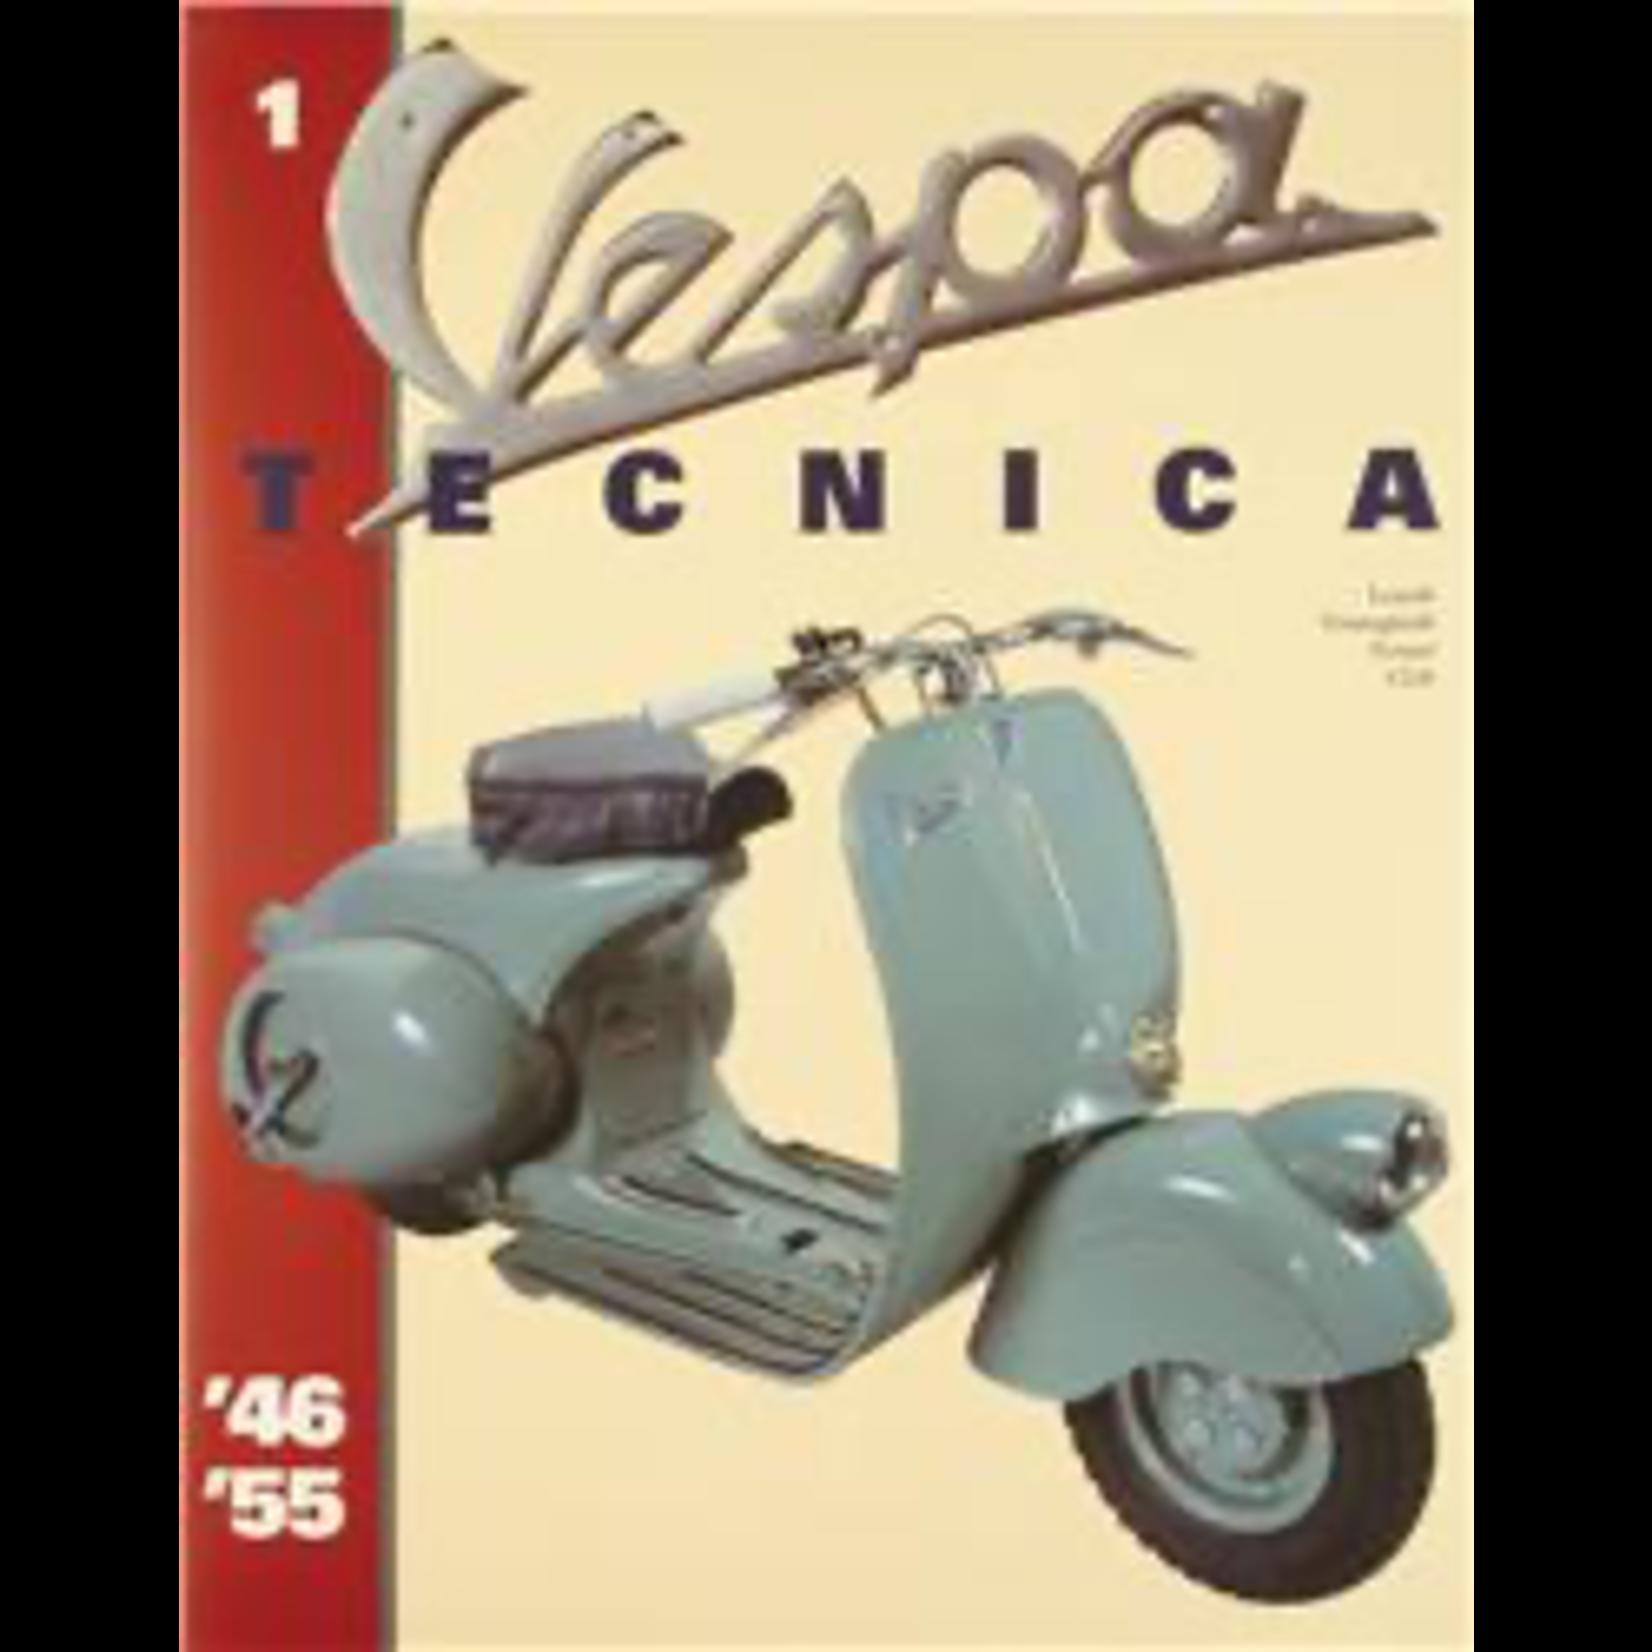 Lifestyle Book, 'Vespa Tecnica' Vol 1